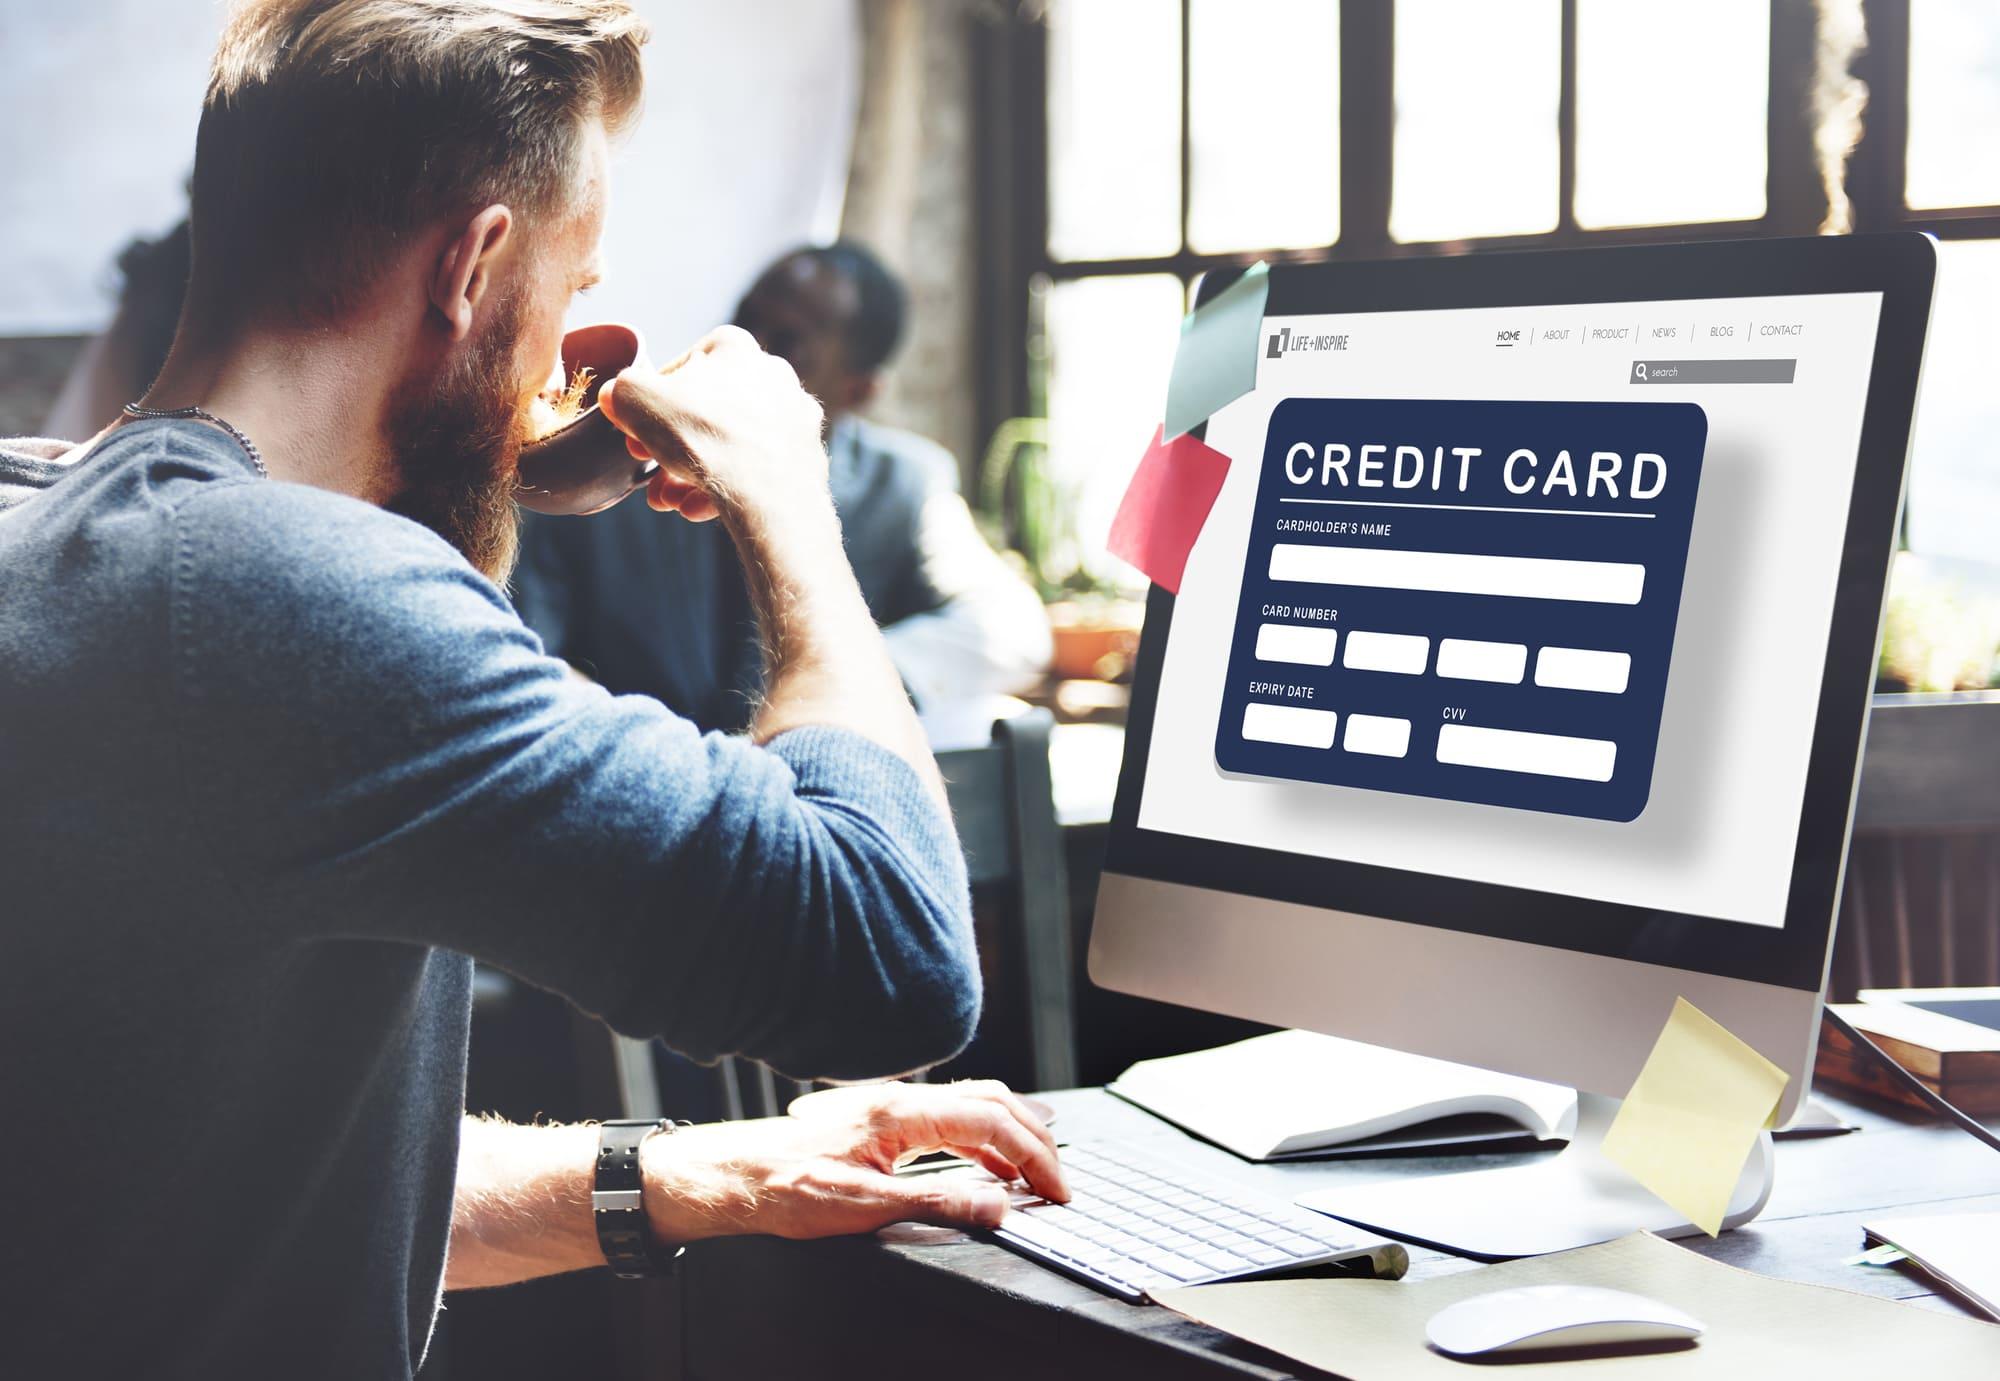 法人カードは限度額を比較して選ぼう!事業主なら知っておきたい増枠のポイント3つ!